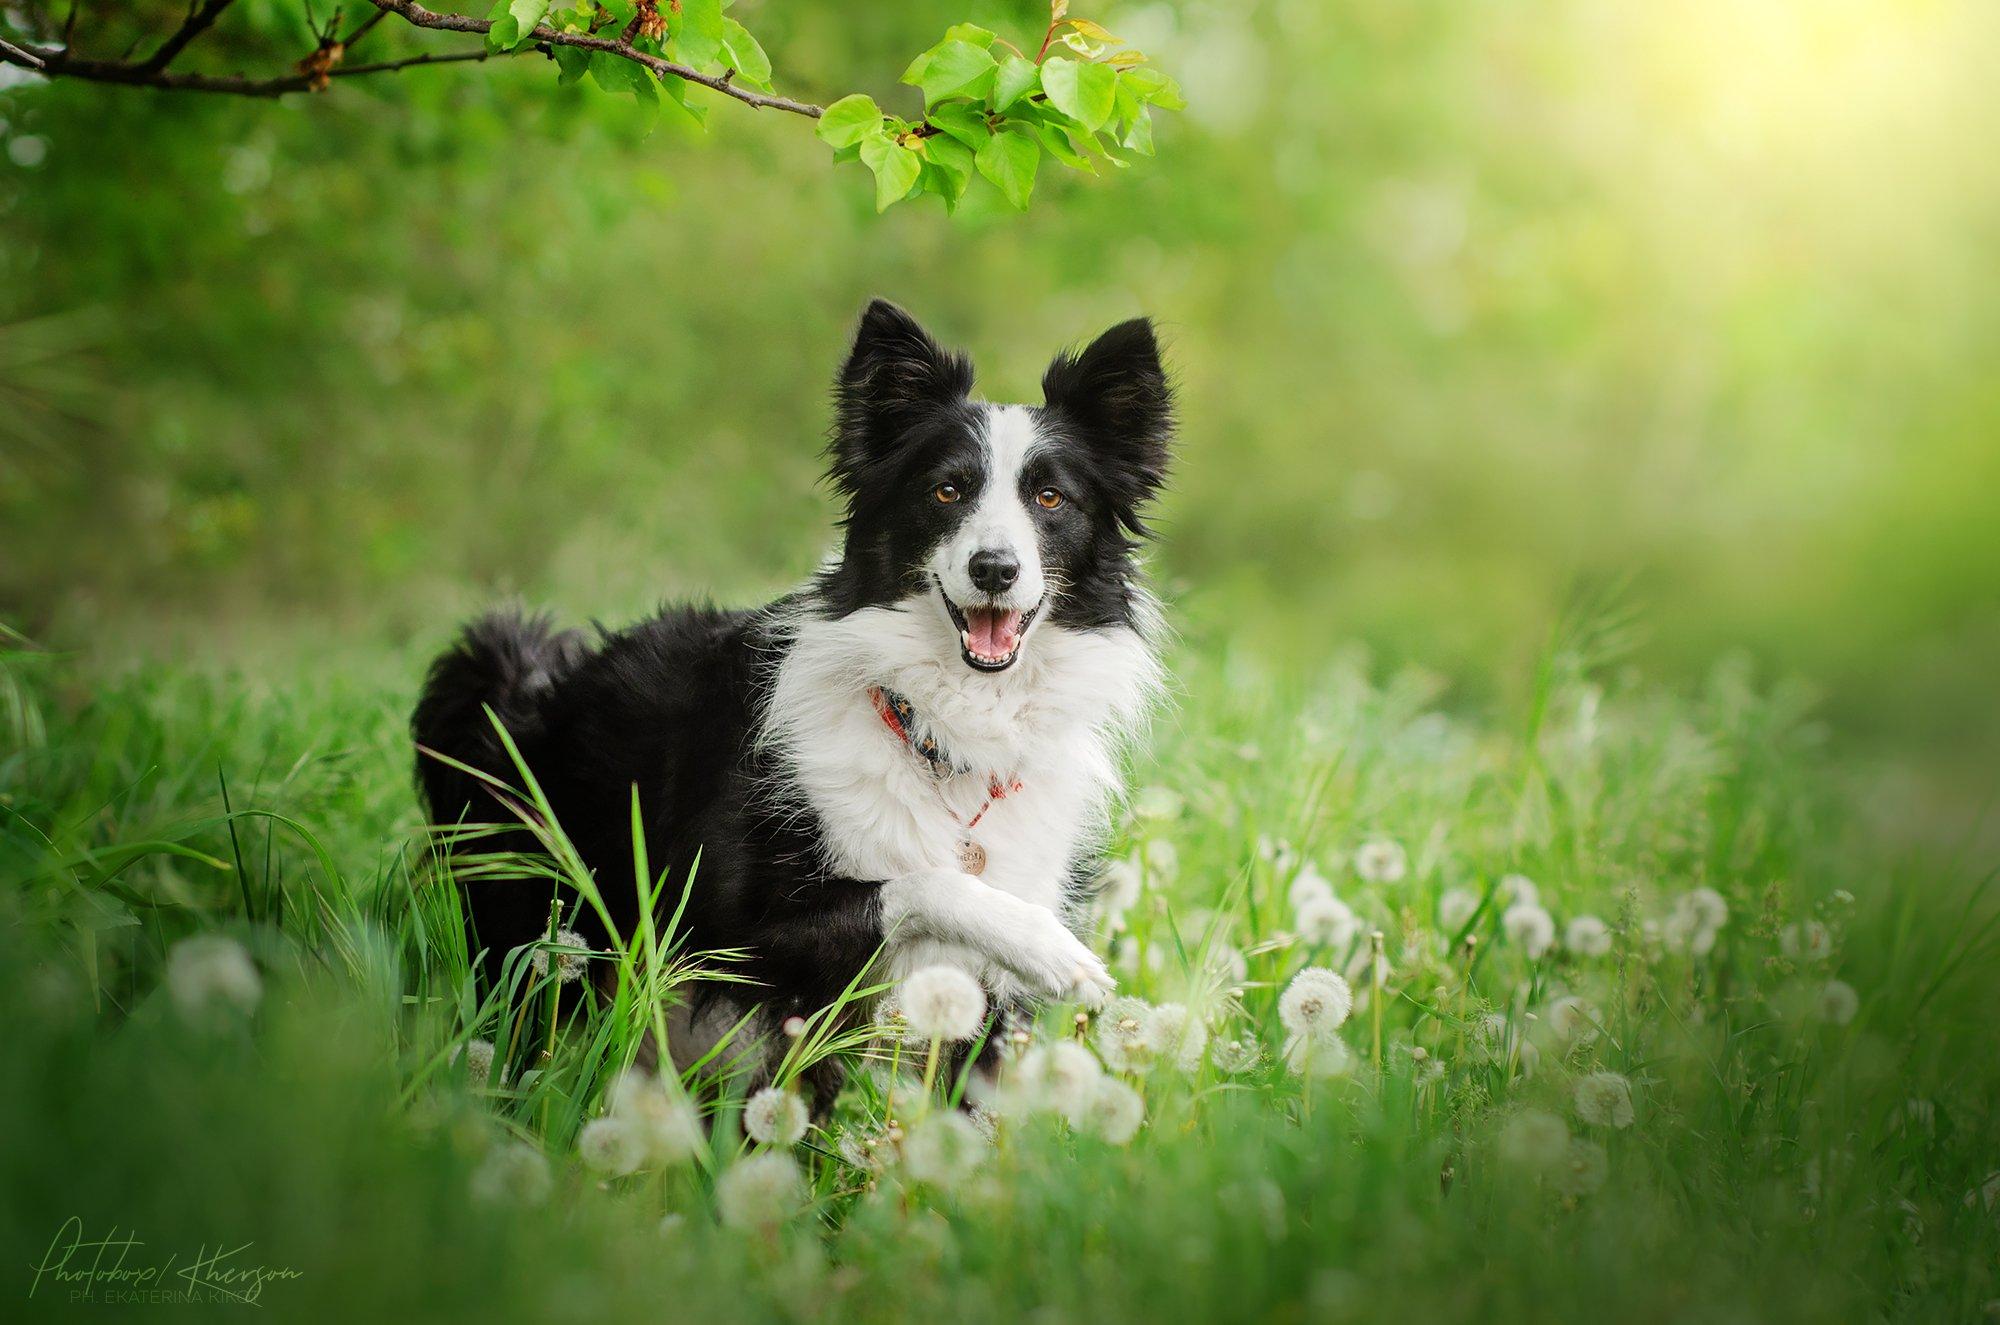 собака, анималистика, природа, весна, портрет, Кикоть Екатерина